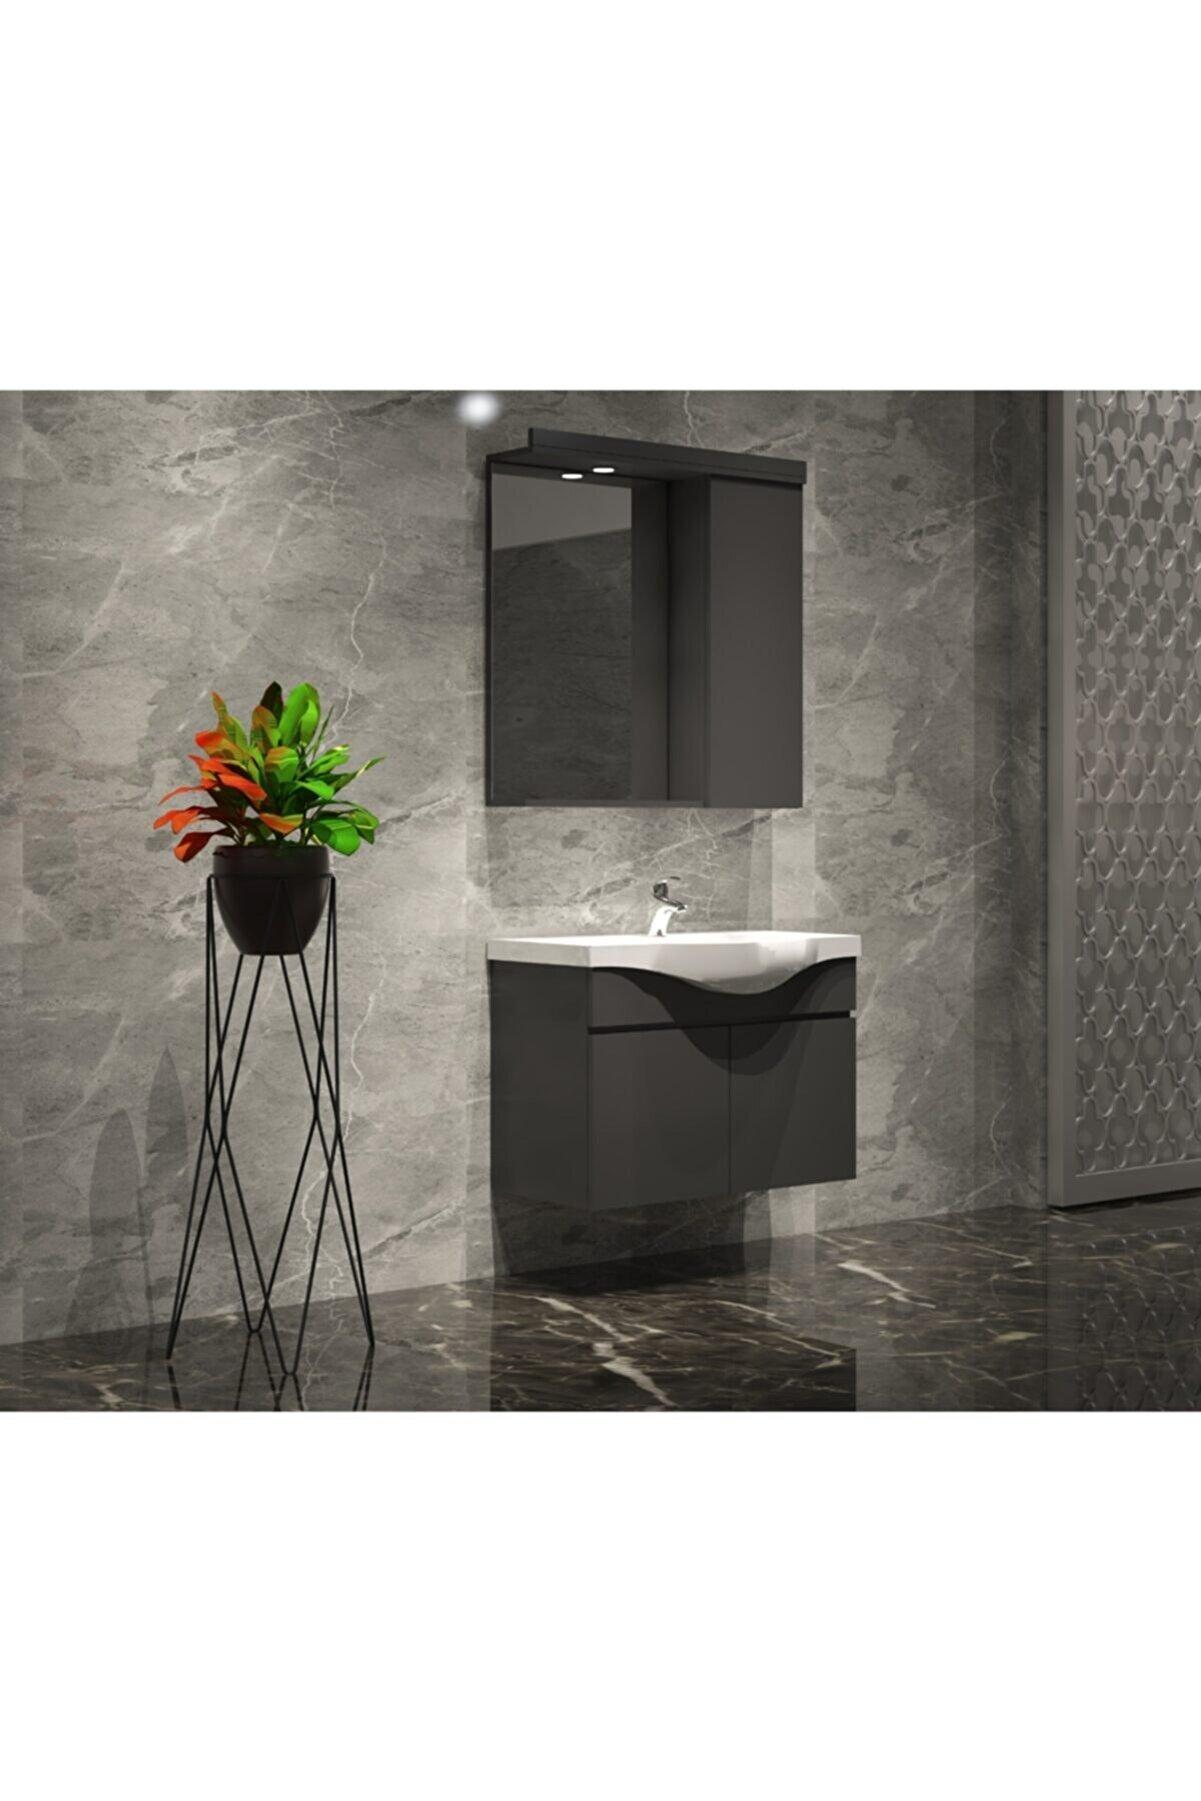 ÖZCEDEN Yıldız Banyo Dolabı Takımı 65 Cm Komple Renkli Antrasit Gri Mat